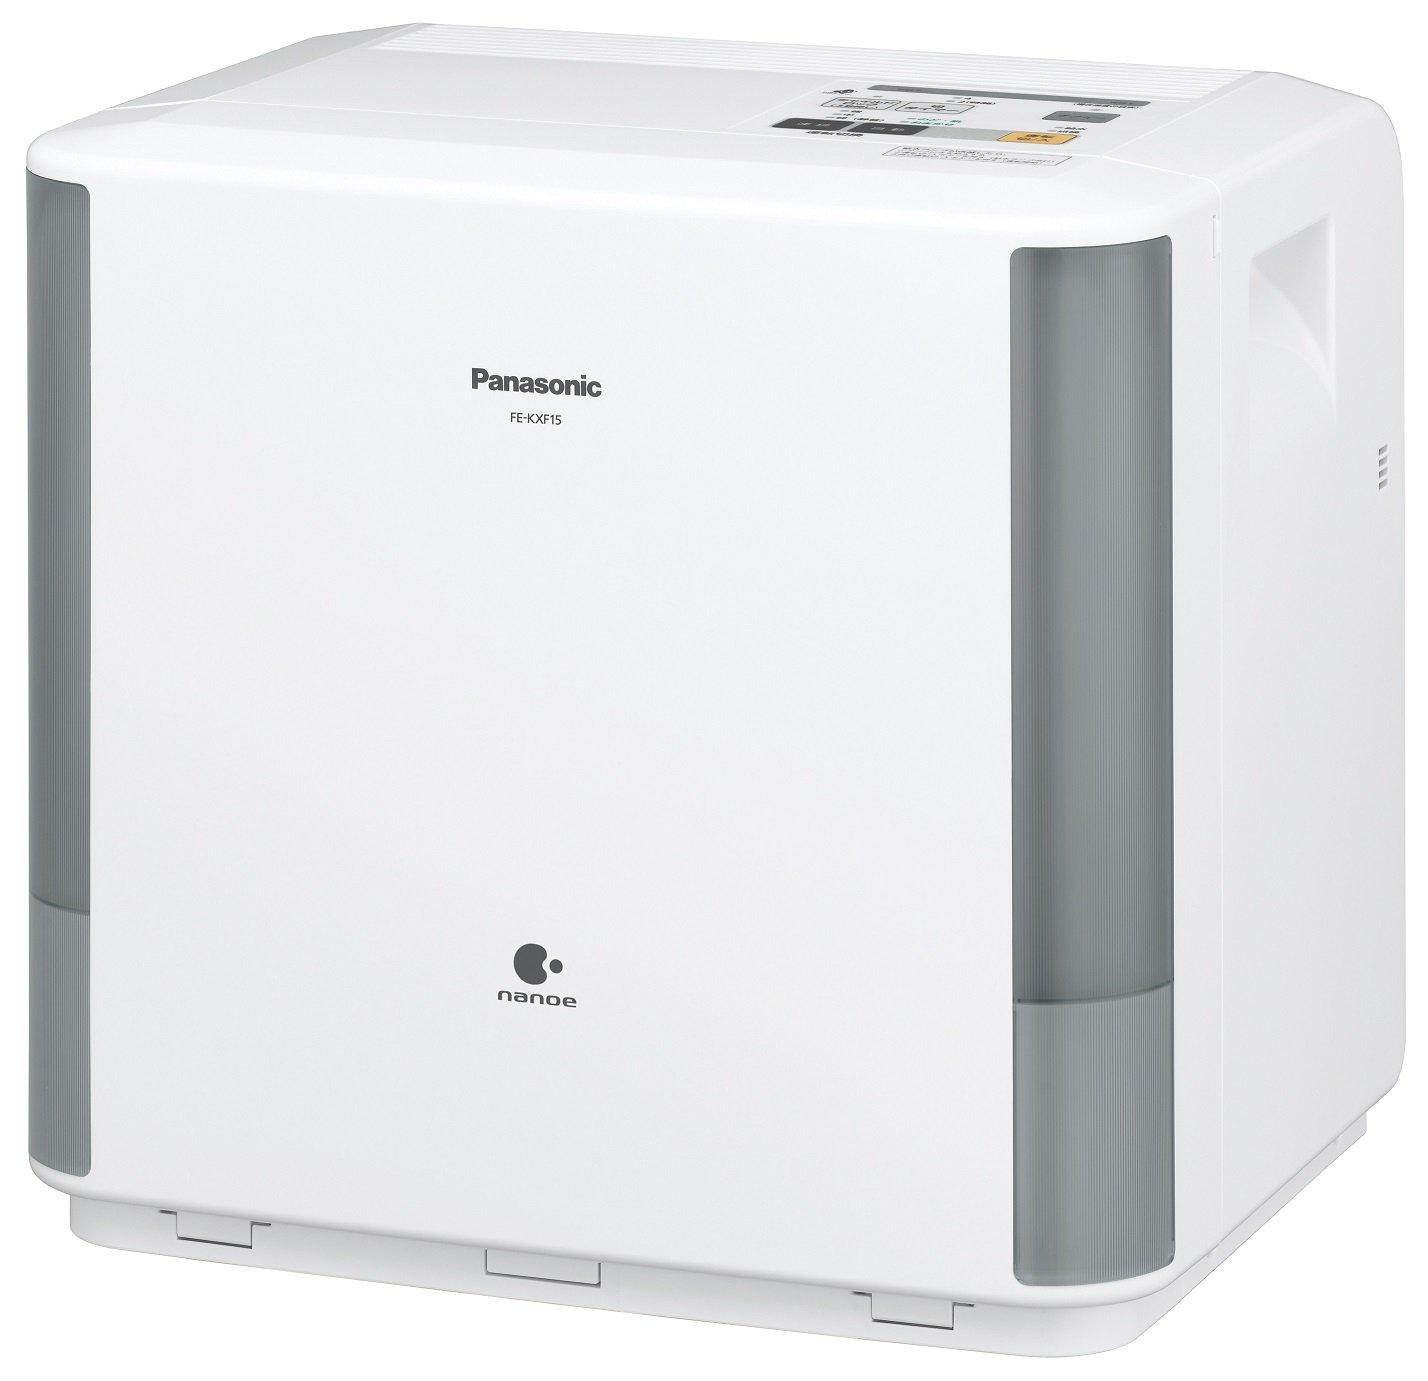 パナソニック 気化式加湿器 FE-KXF15-W